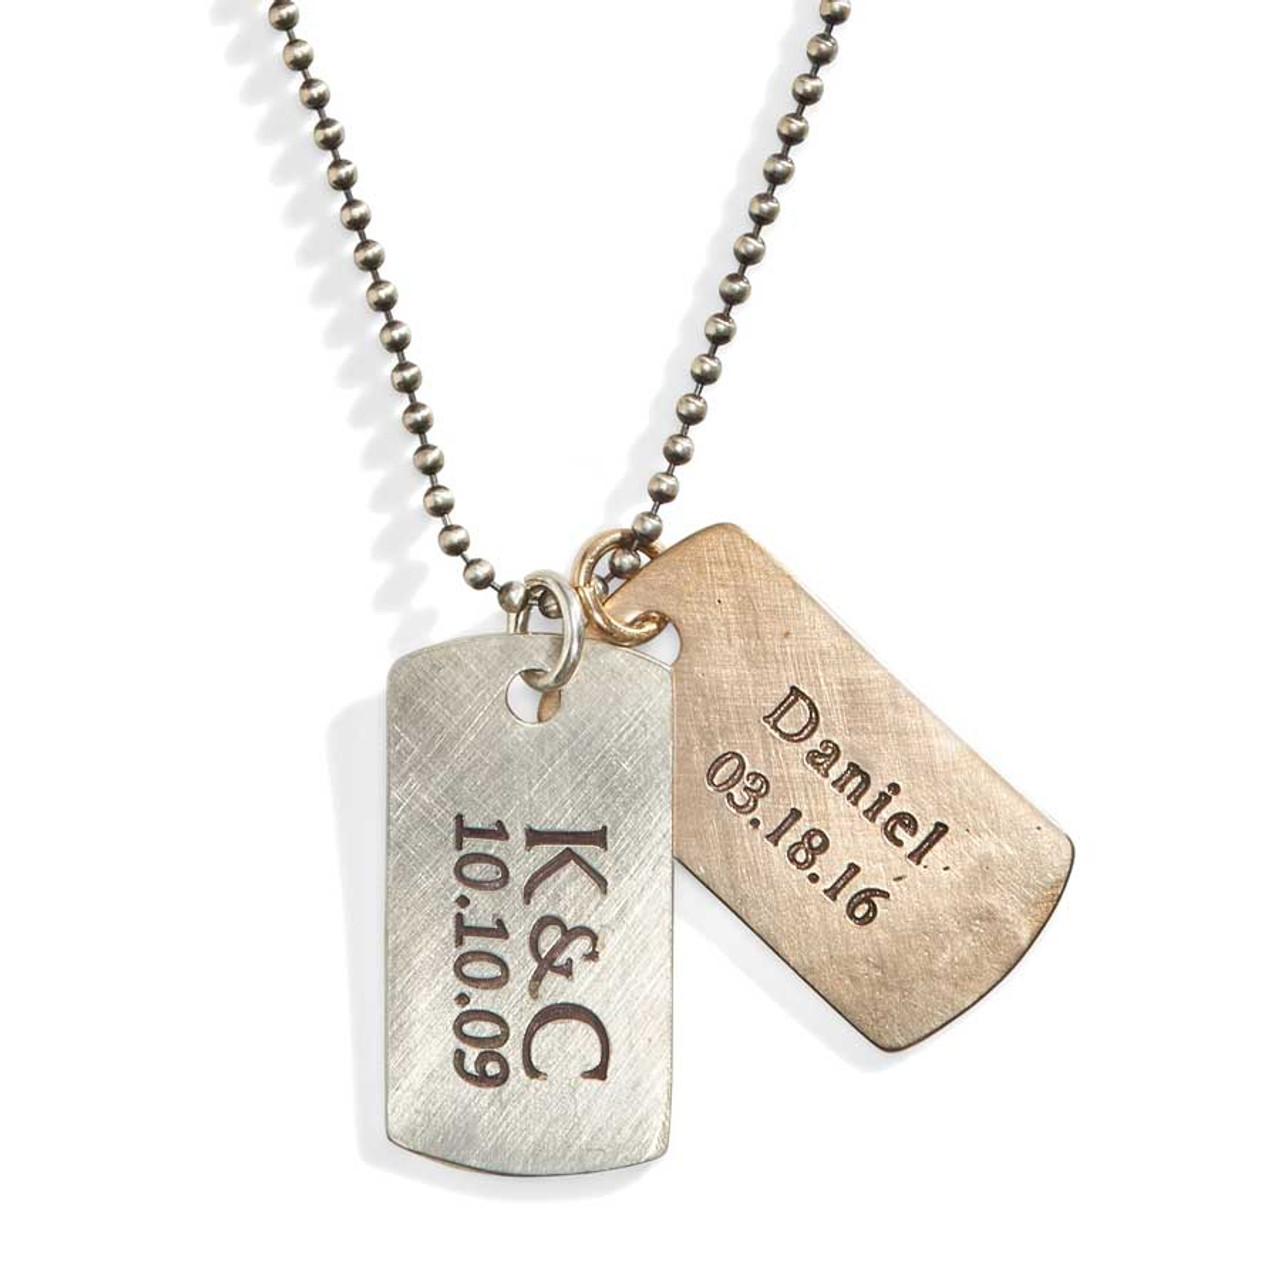 ba9b705bdce9 rurstic-dog-tag-necklace__23635.1508947277.jpg?c=2&imbypass=on